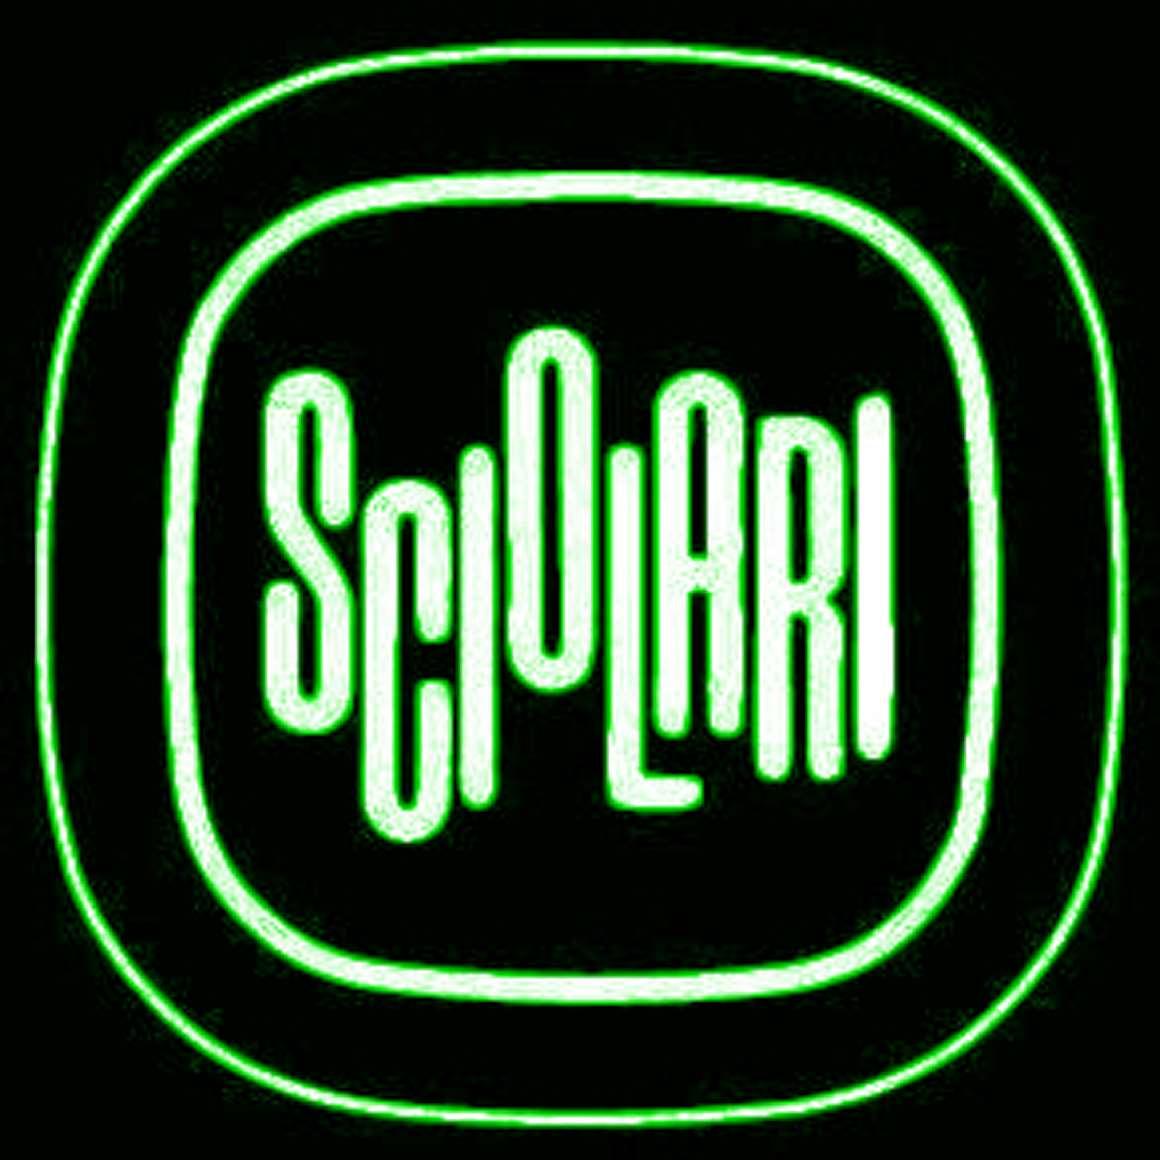 Sciolari logo